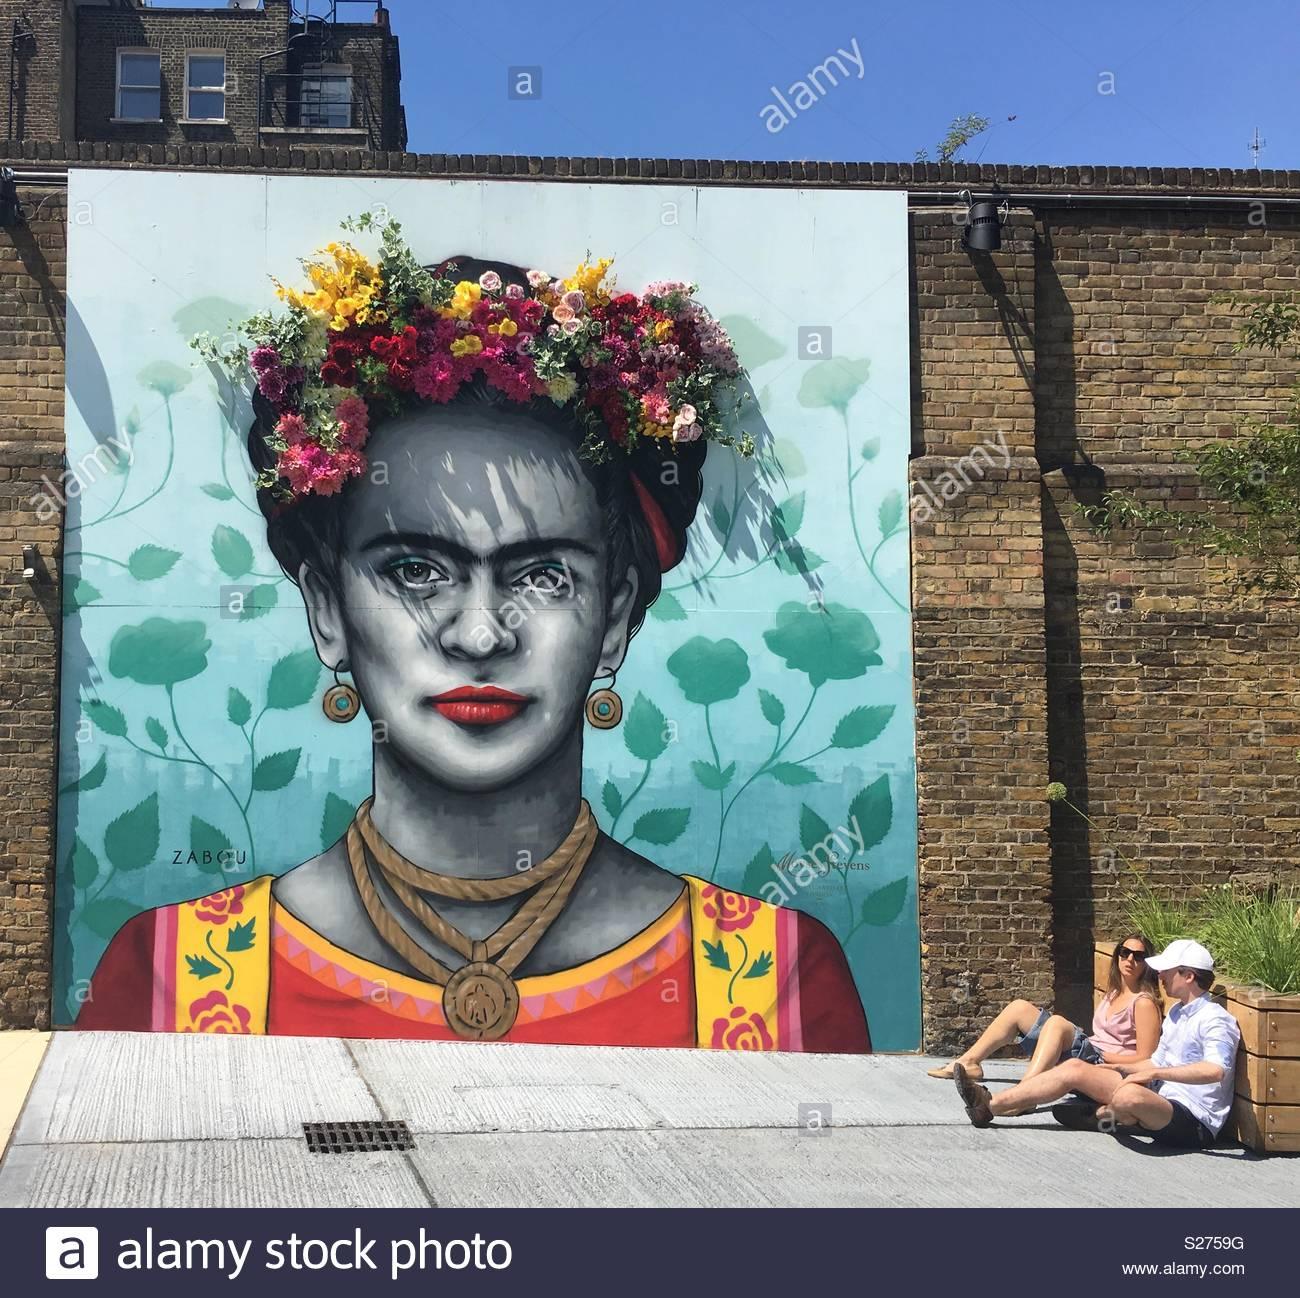 Frida Kahlo mural con flores frescas de Zabou en Victoria, Londres Imagen De Stock